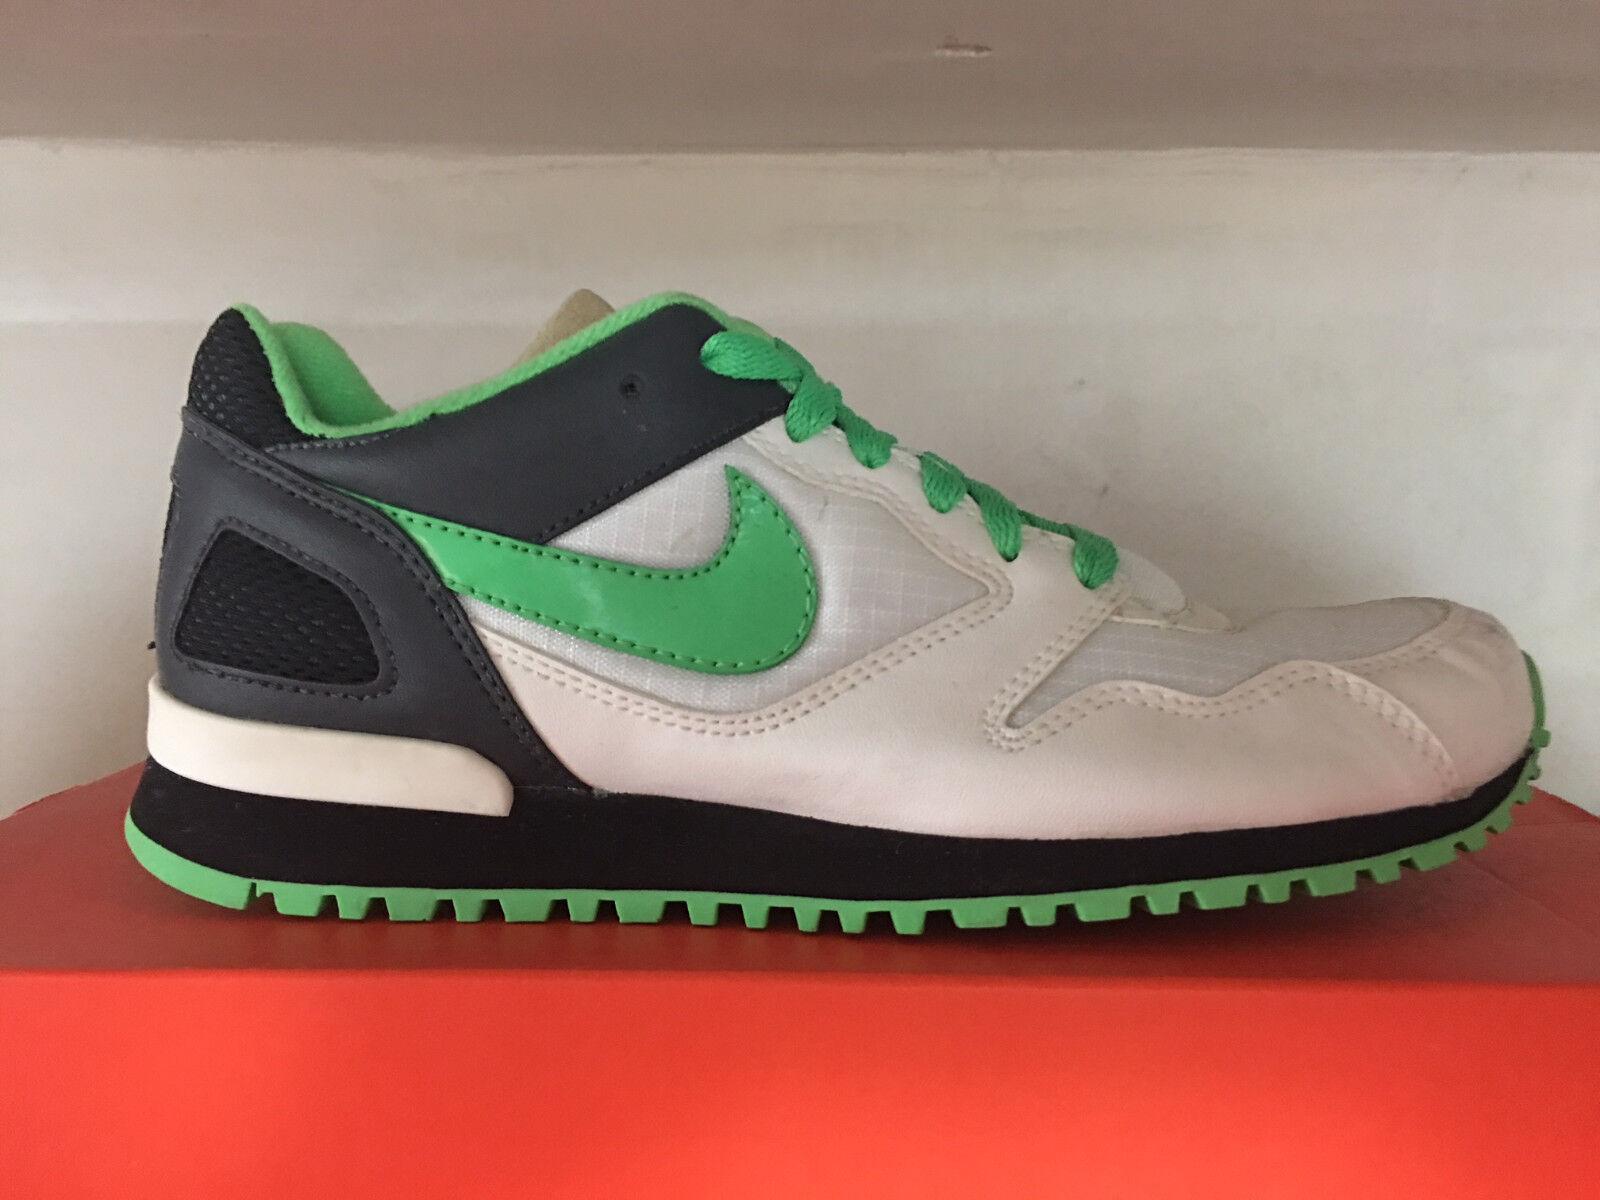 Damenschuhe NIKE Tyan Sommer Sneaker WEISS/Green Neu Gr:36,5 Retro Vintage Hammer